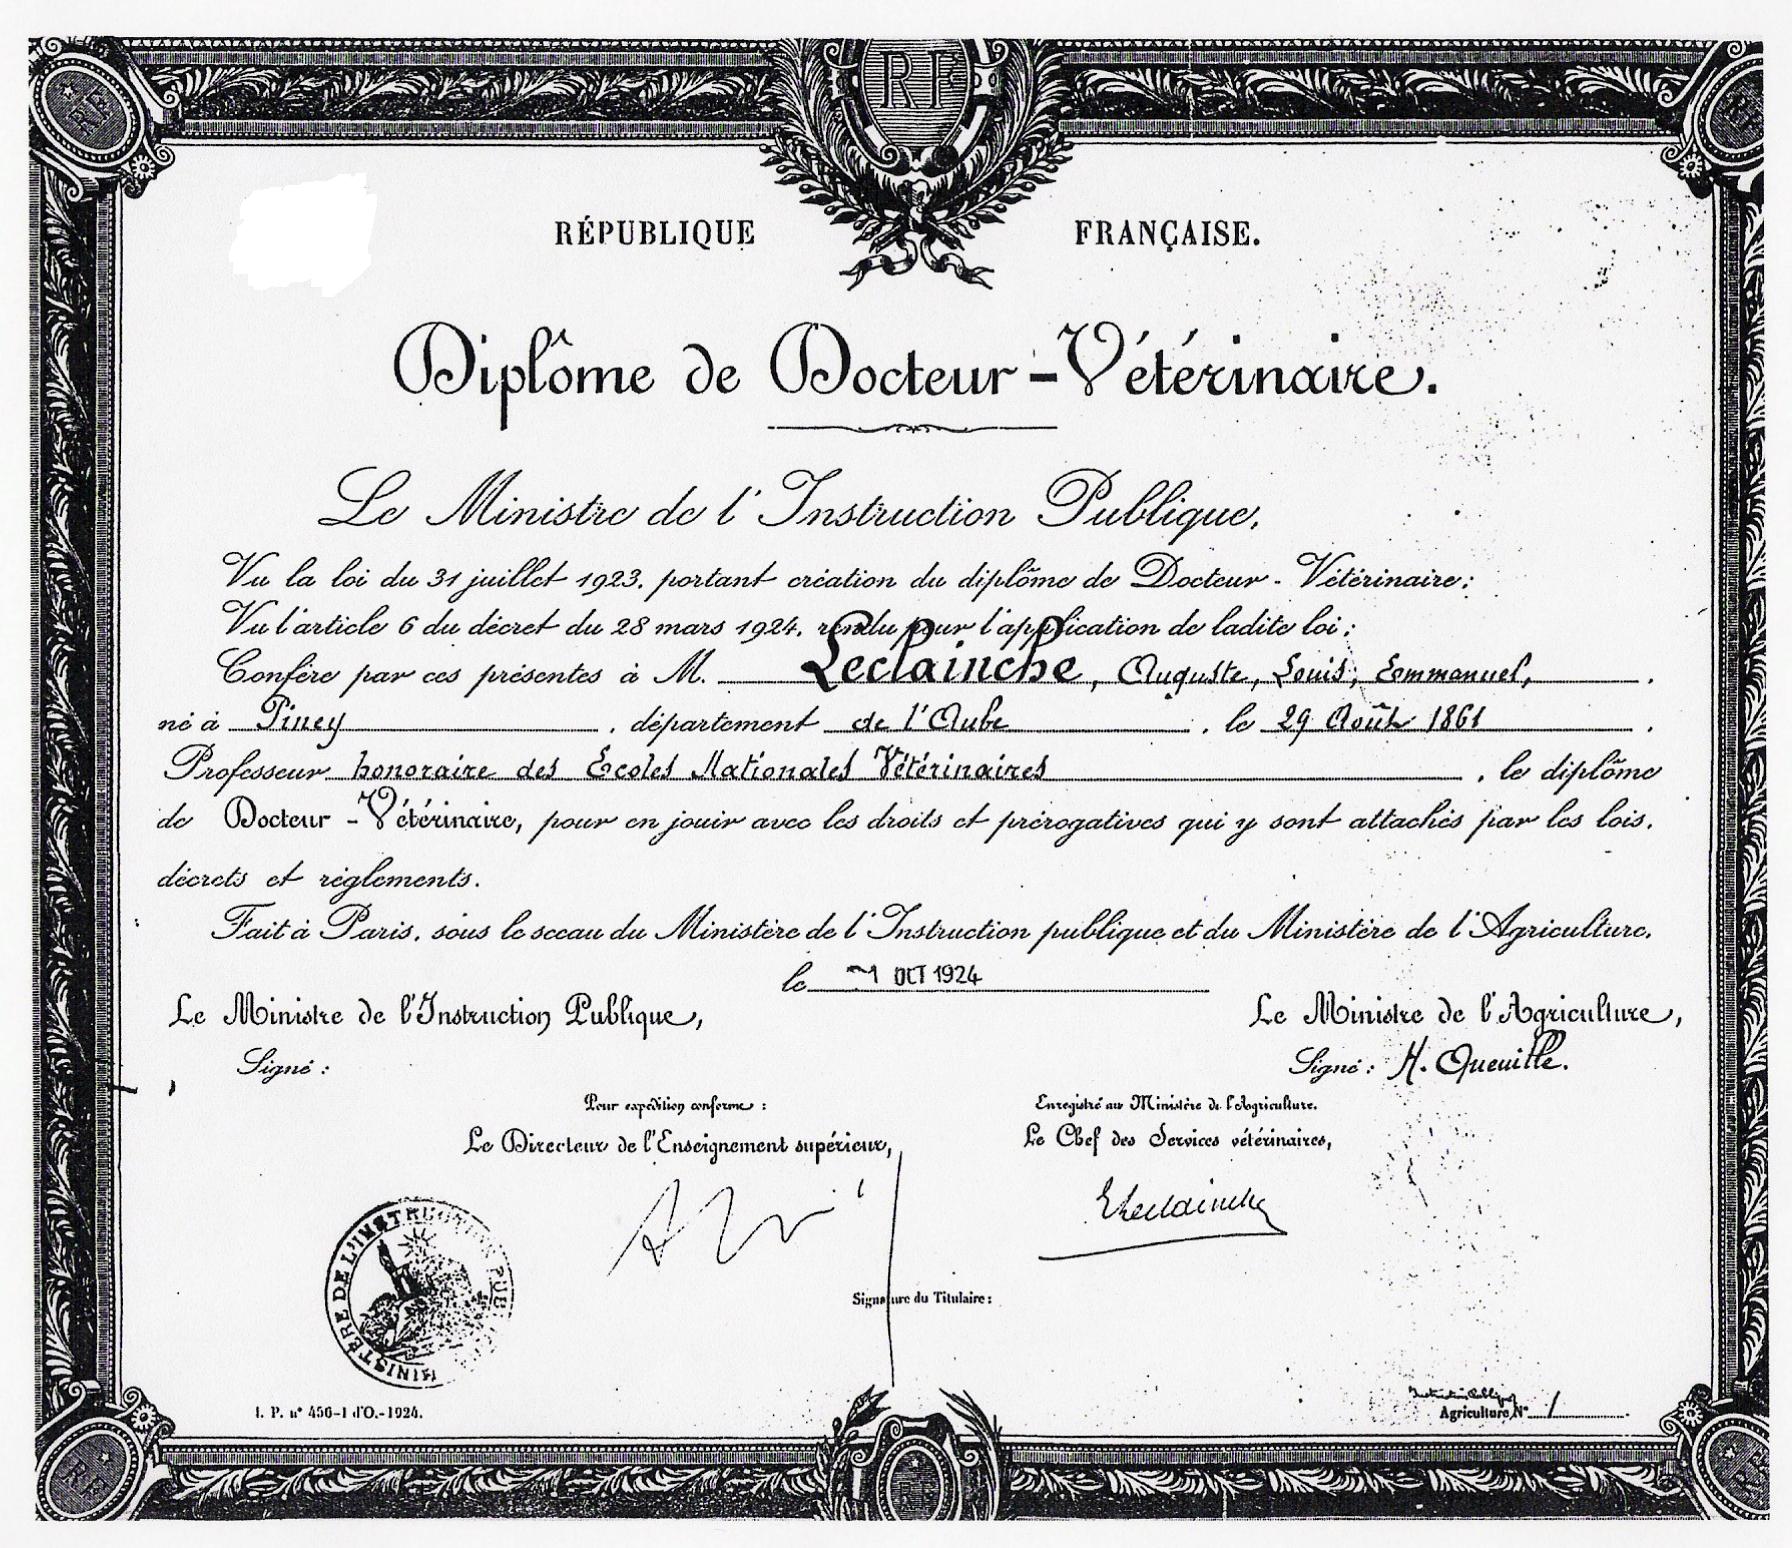 Diplome Pour Etre Decorateur Interieur